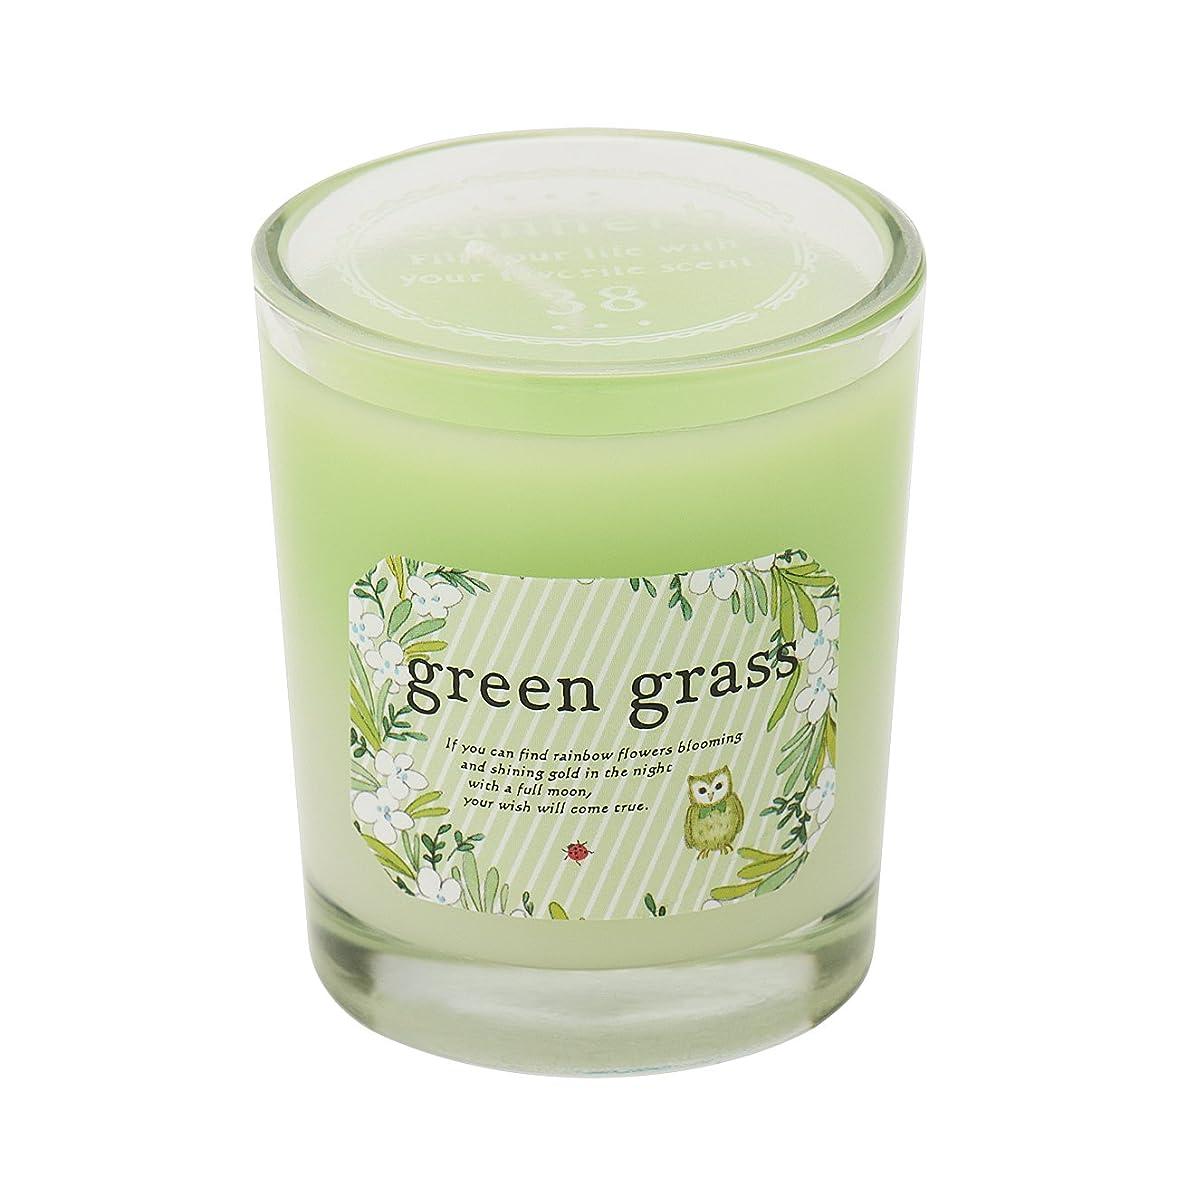 活性化する習熟度チェスサンハーブ グラスキャンドル グリーングラス 35g(グラデーションろうそく 燃焼時間約10時間 爽やかでちょっと大人の香り)